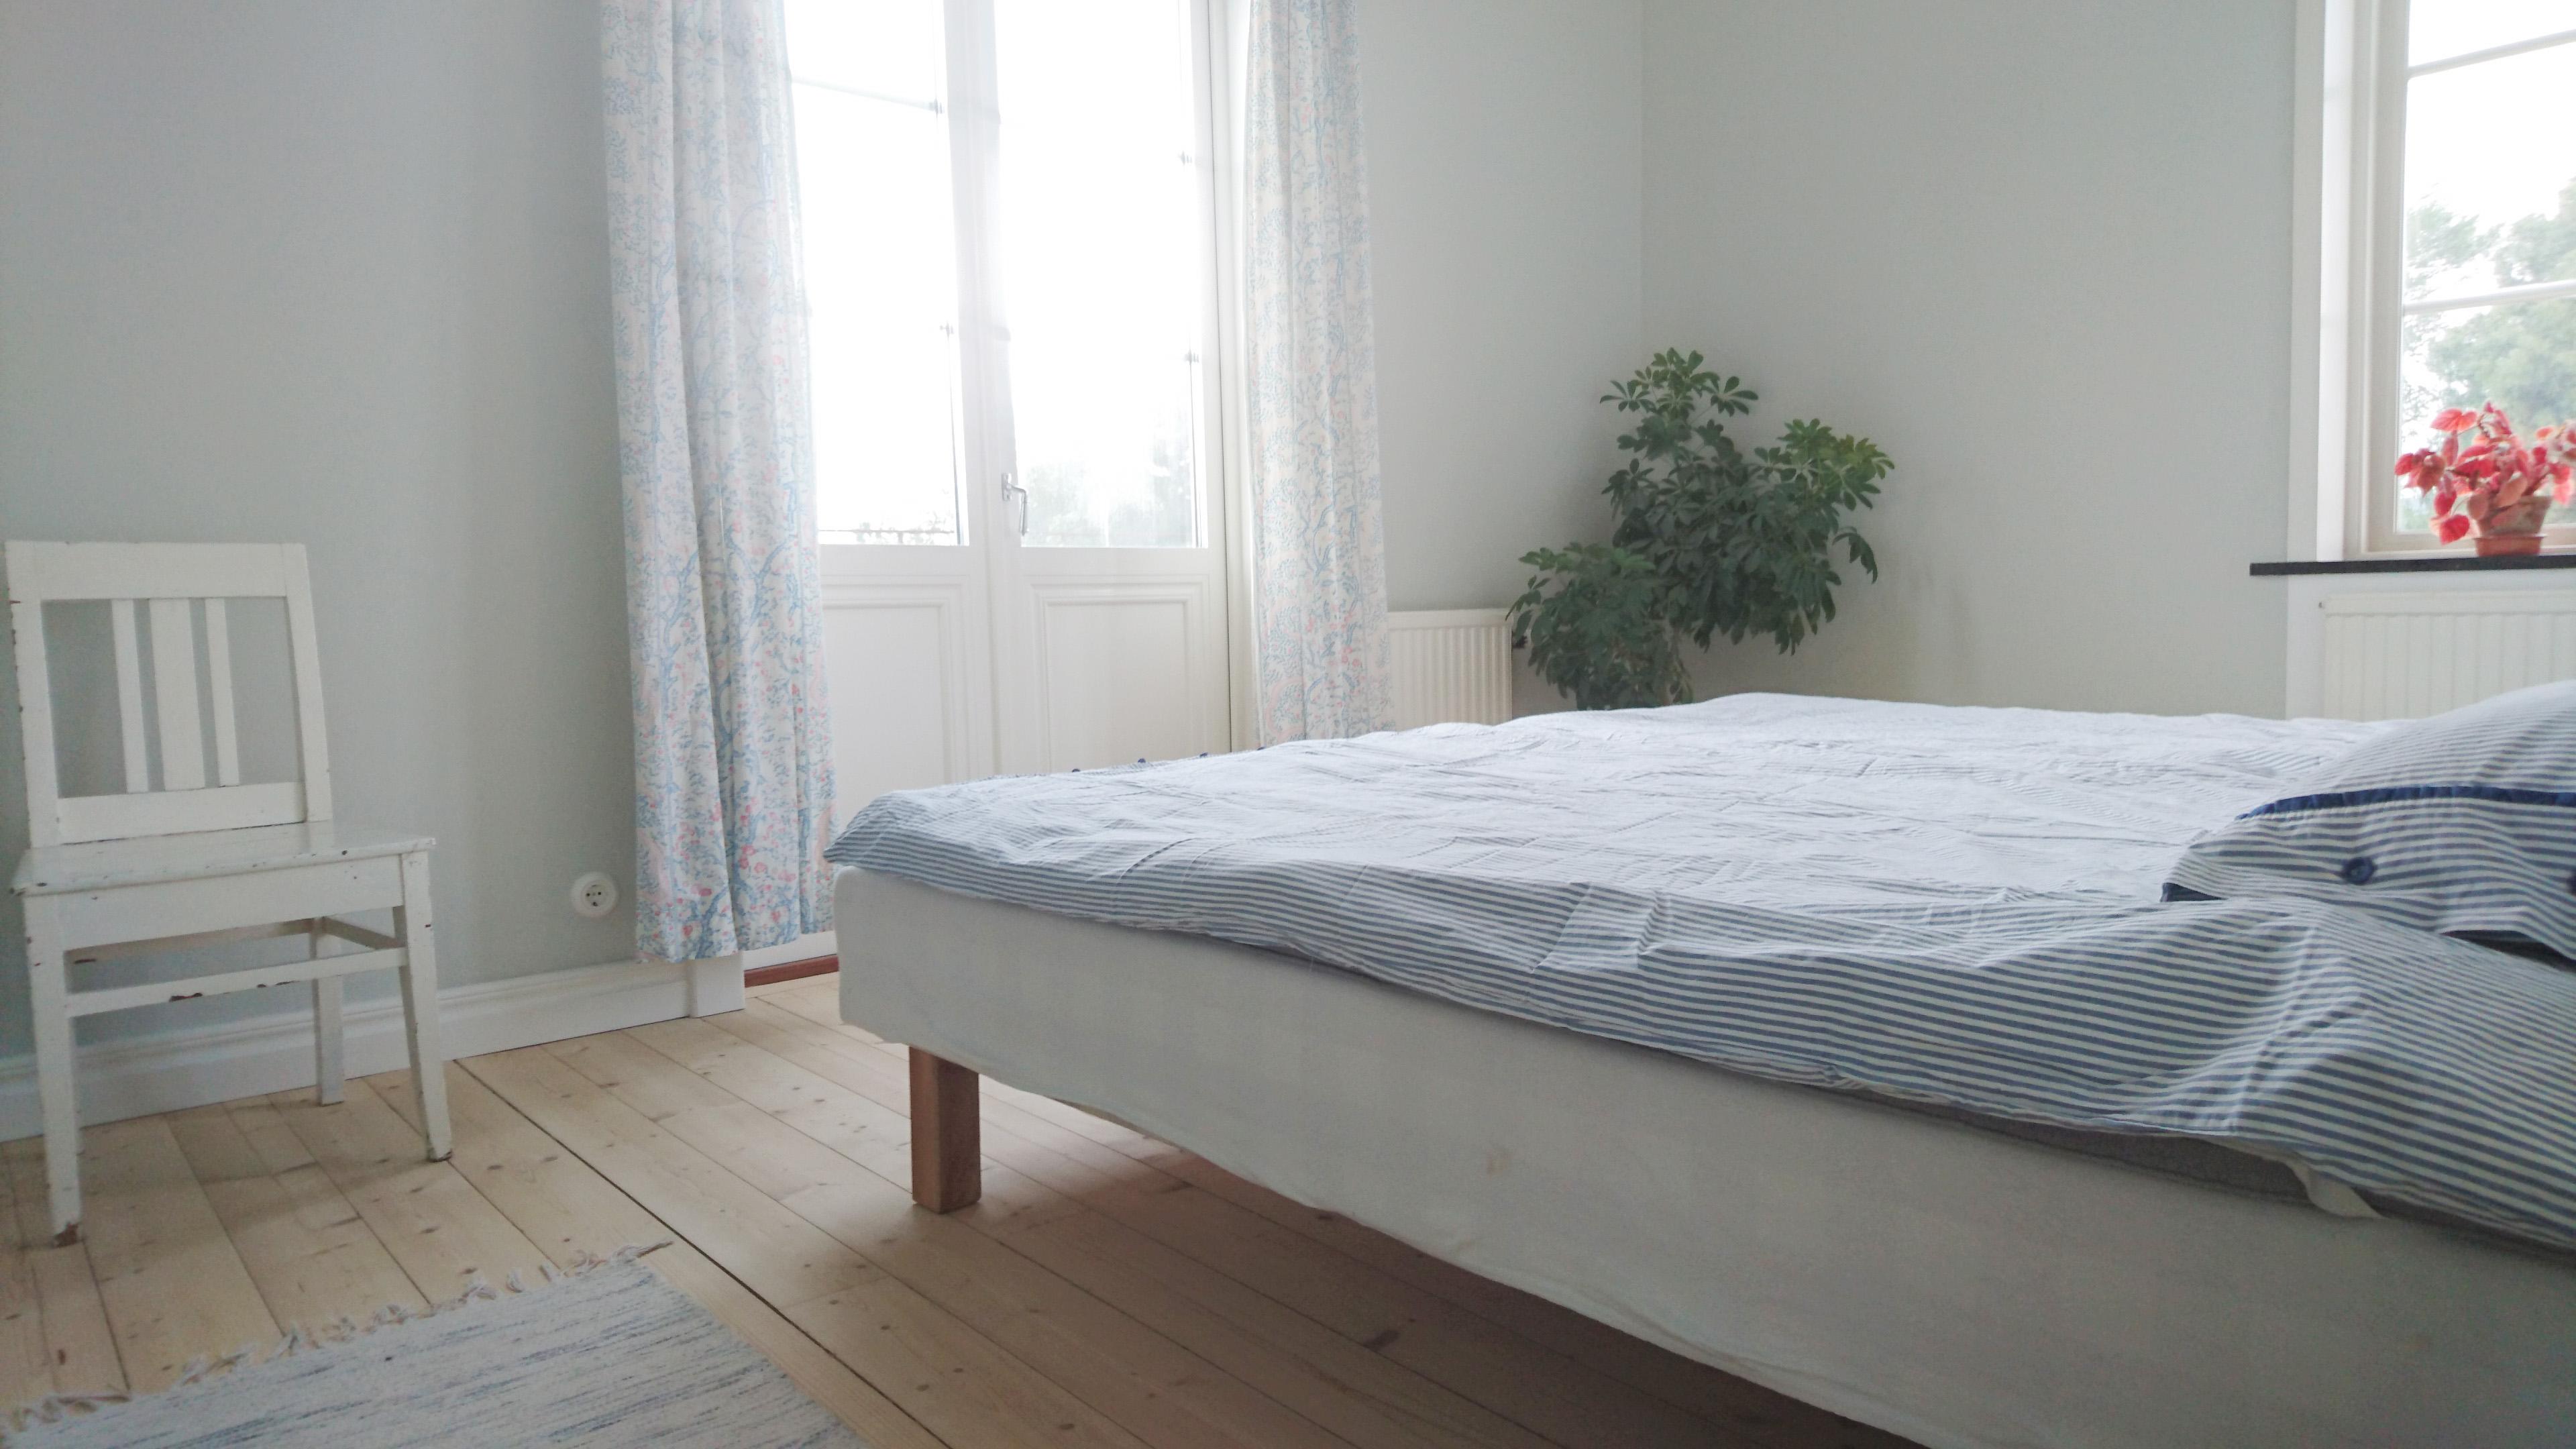 Dubbelrum eller enkelrum? Du bestämmer! Rummet i väster med balkong har två Hästenssängar, en 120 cm och en 105 cm.